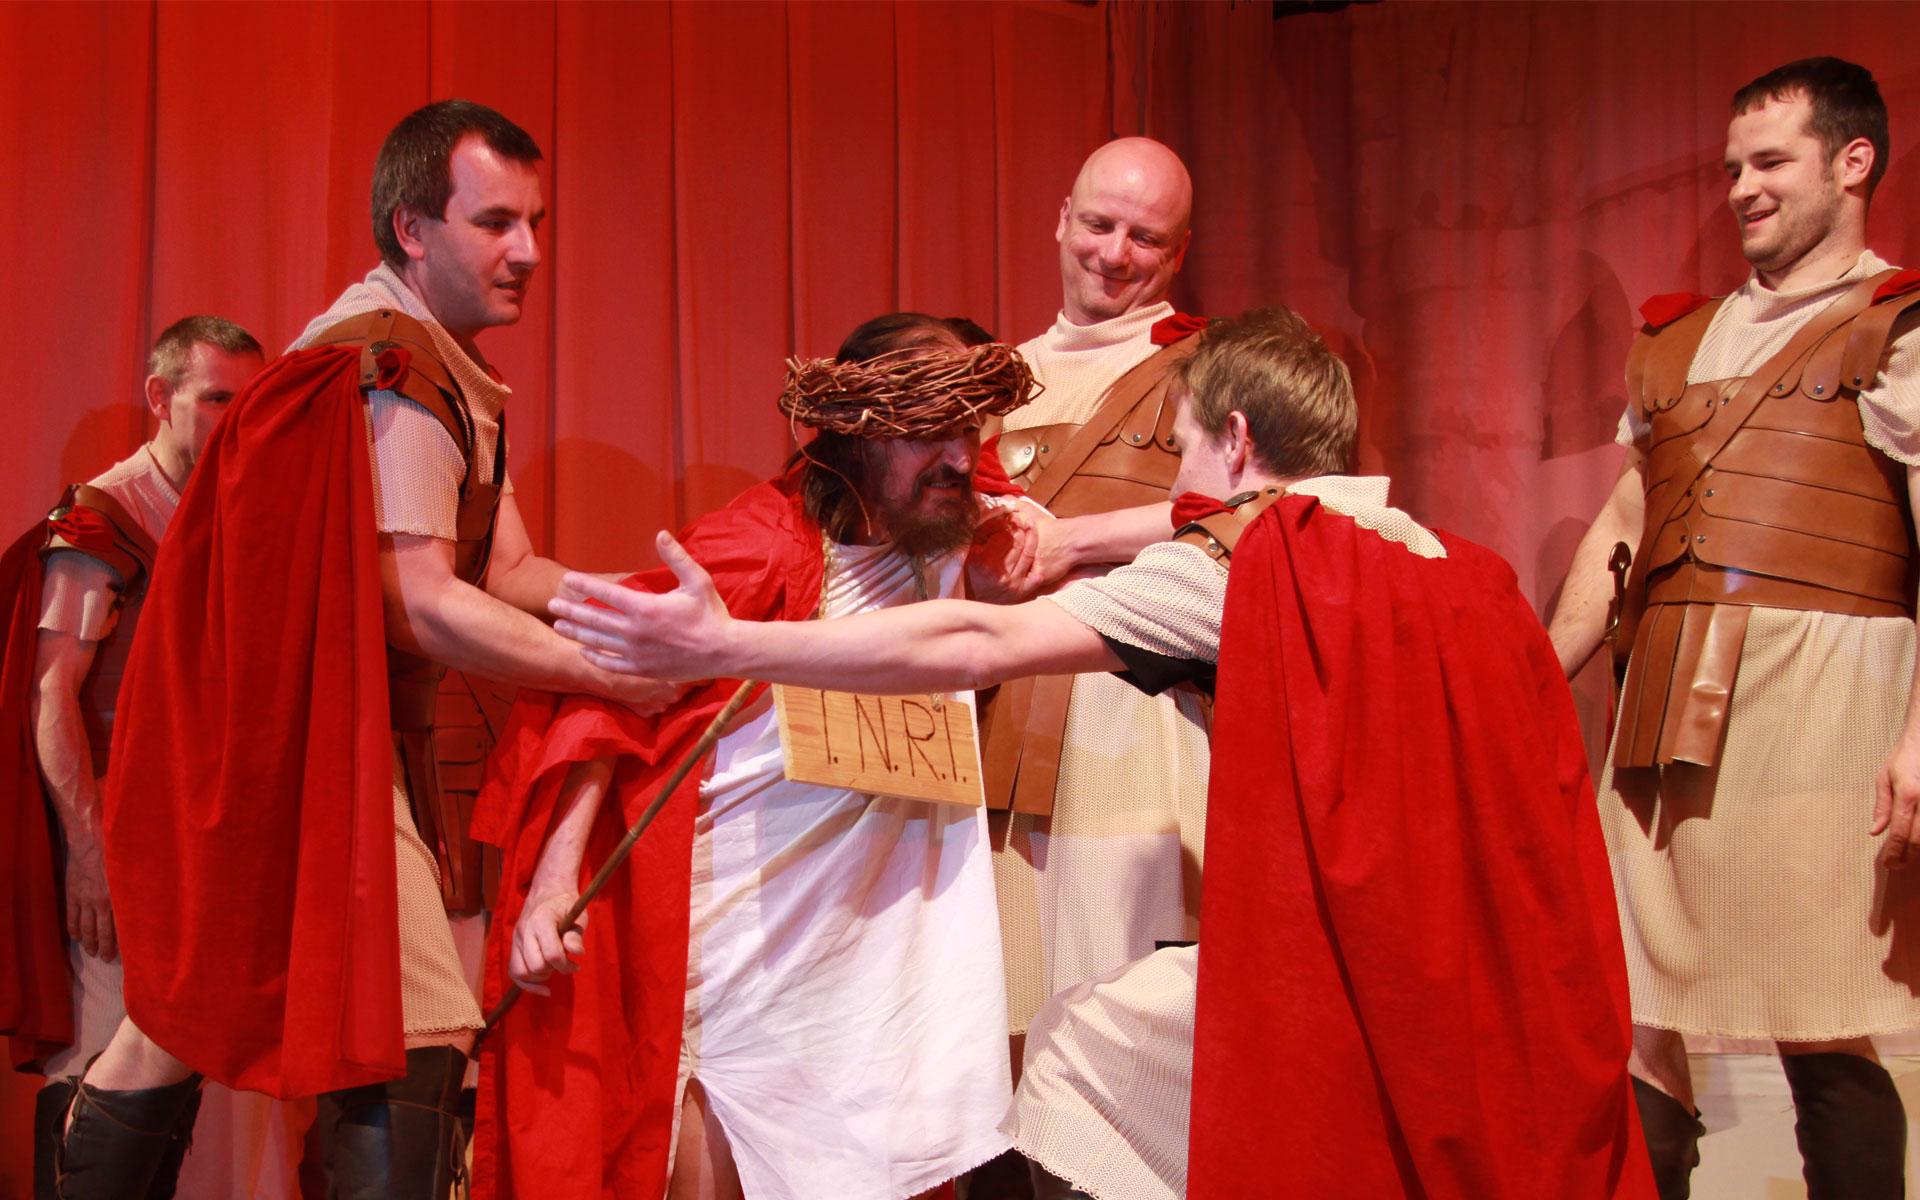 Verspottung Jesu durch die Römer